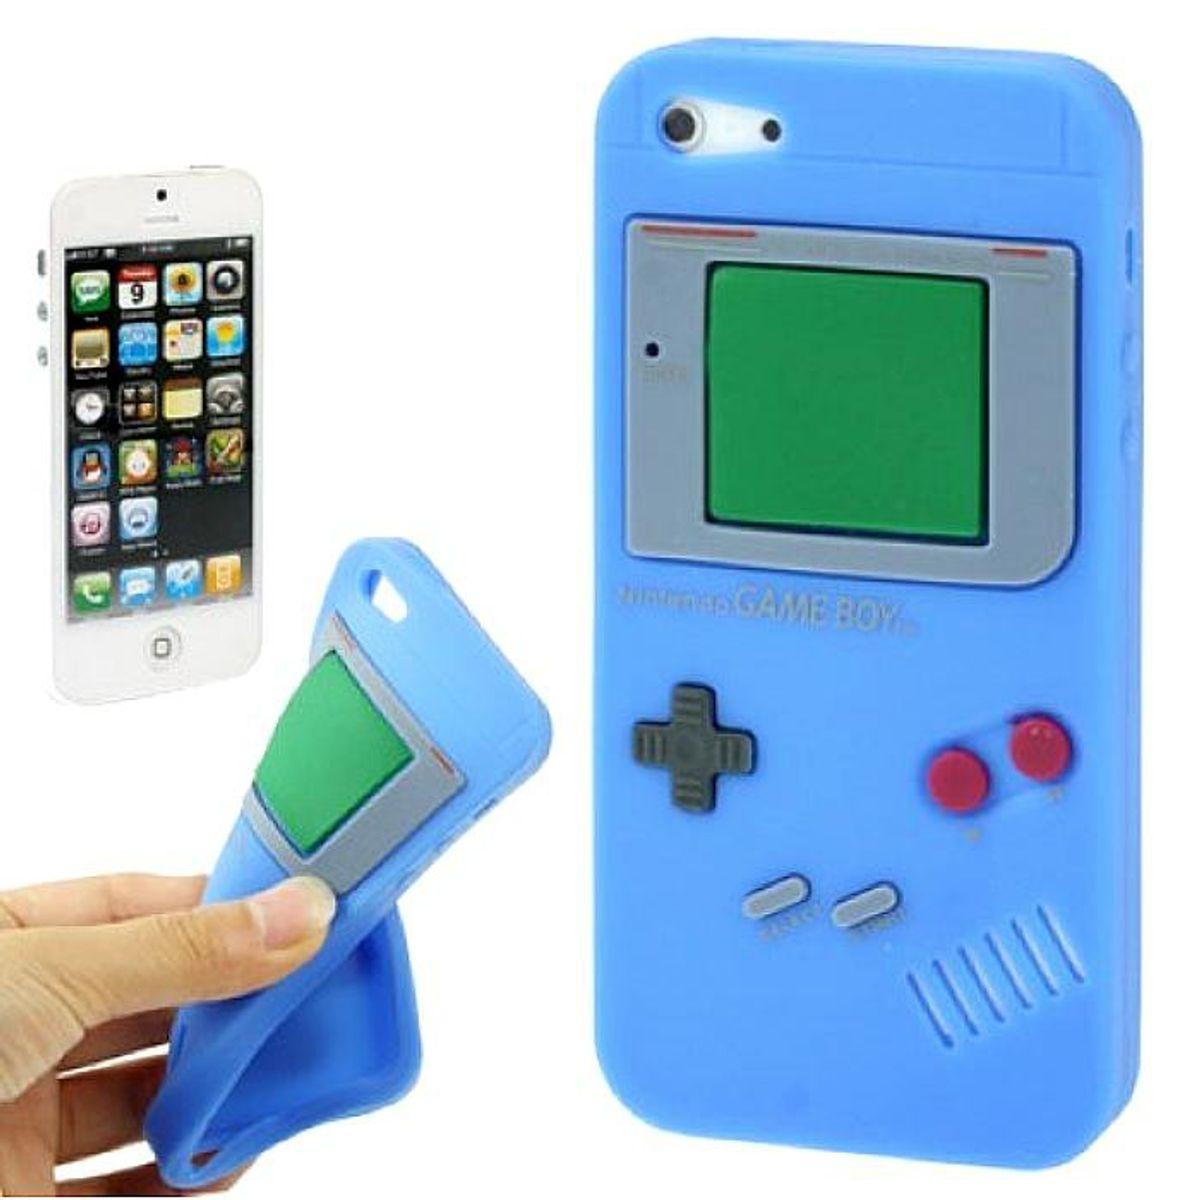 Silikon Hülle Retro Gameboy für Handy iPhone 5 / 5s Blau